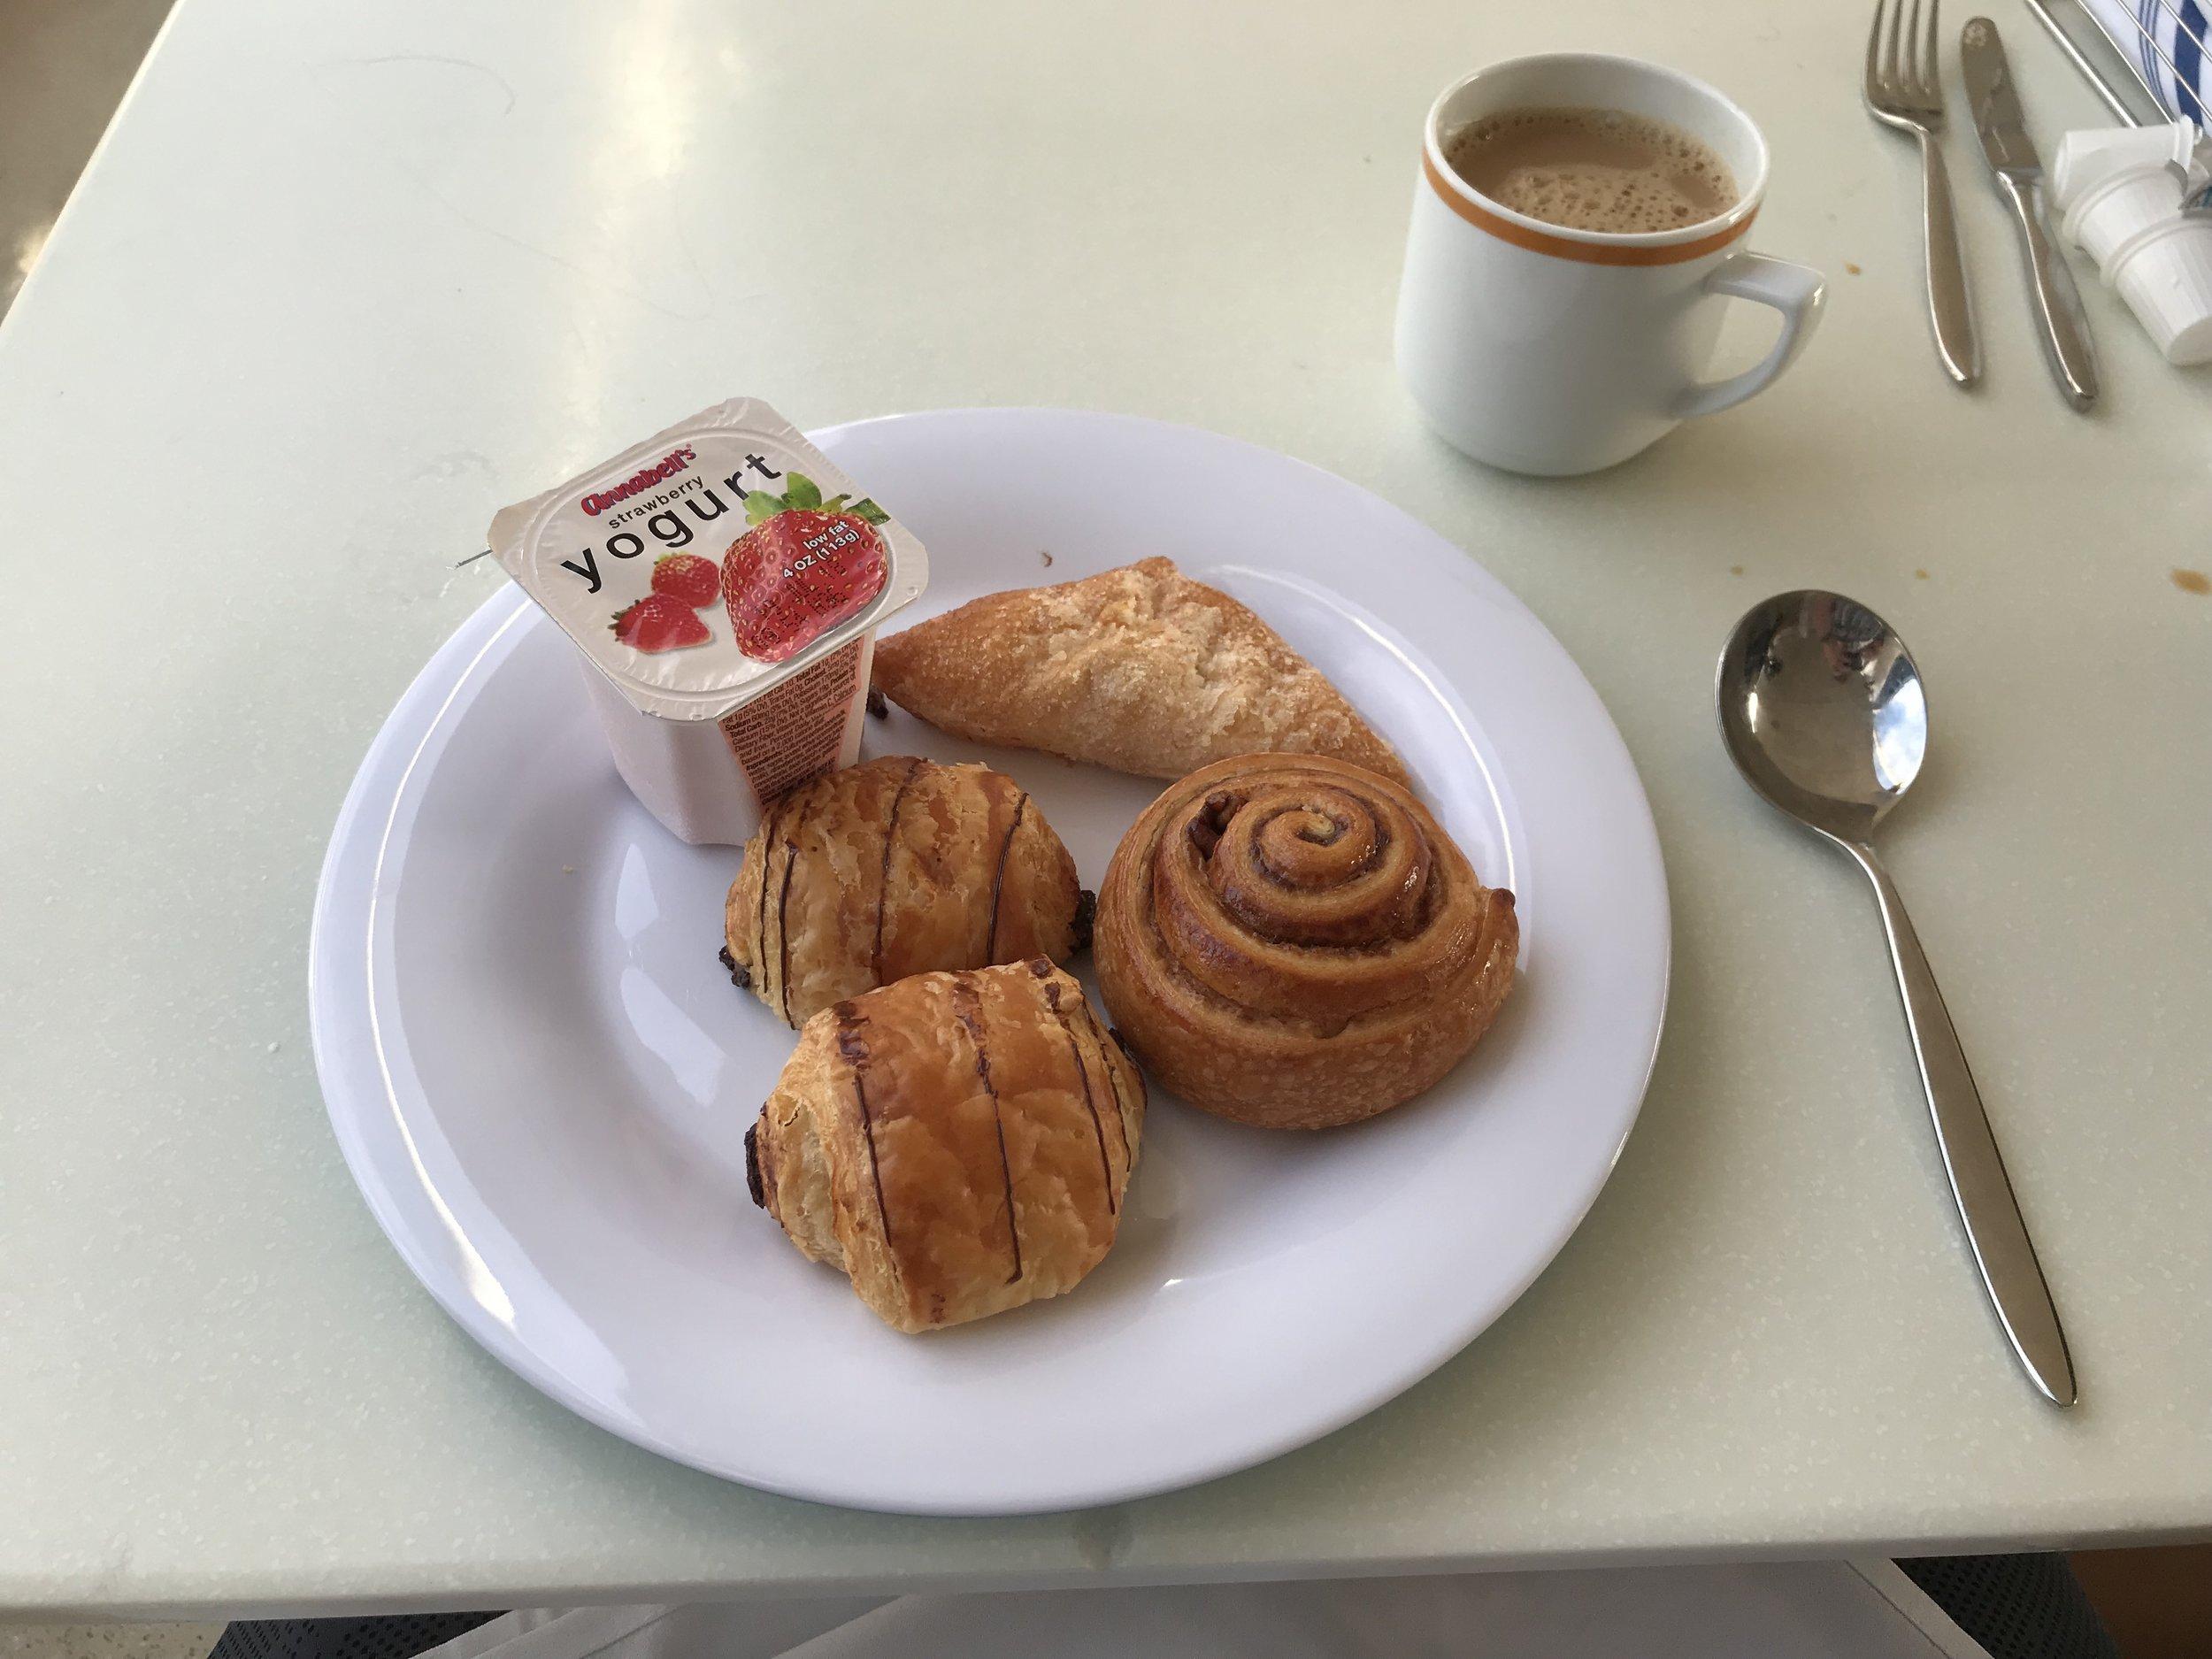 Breakfast #1